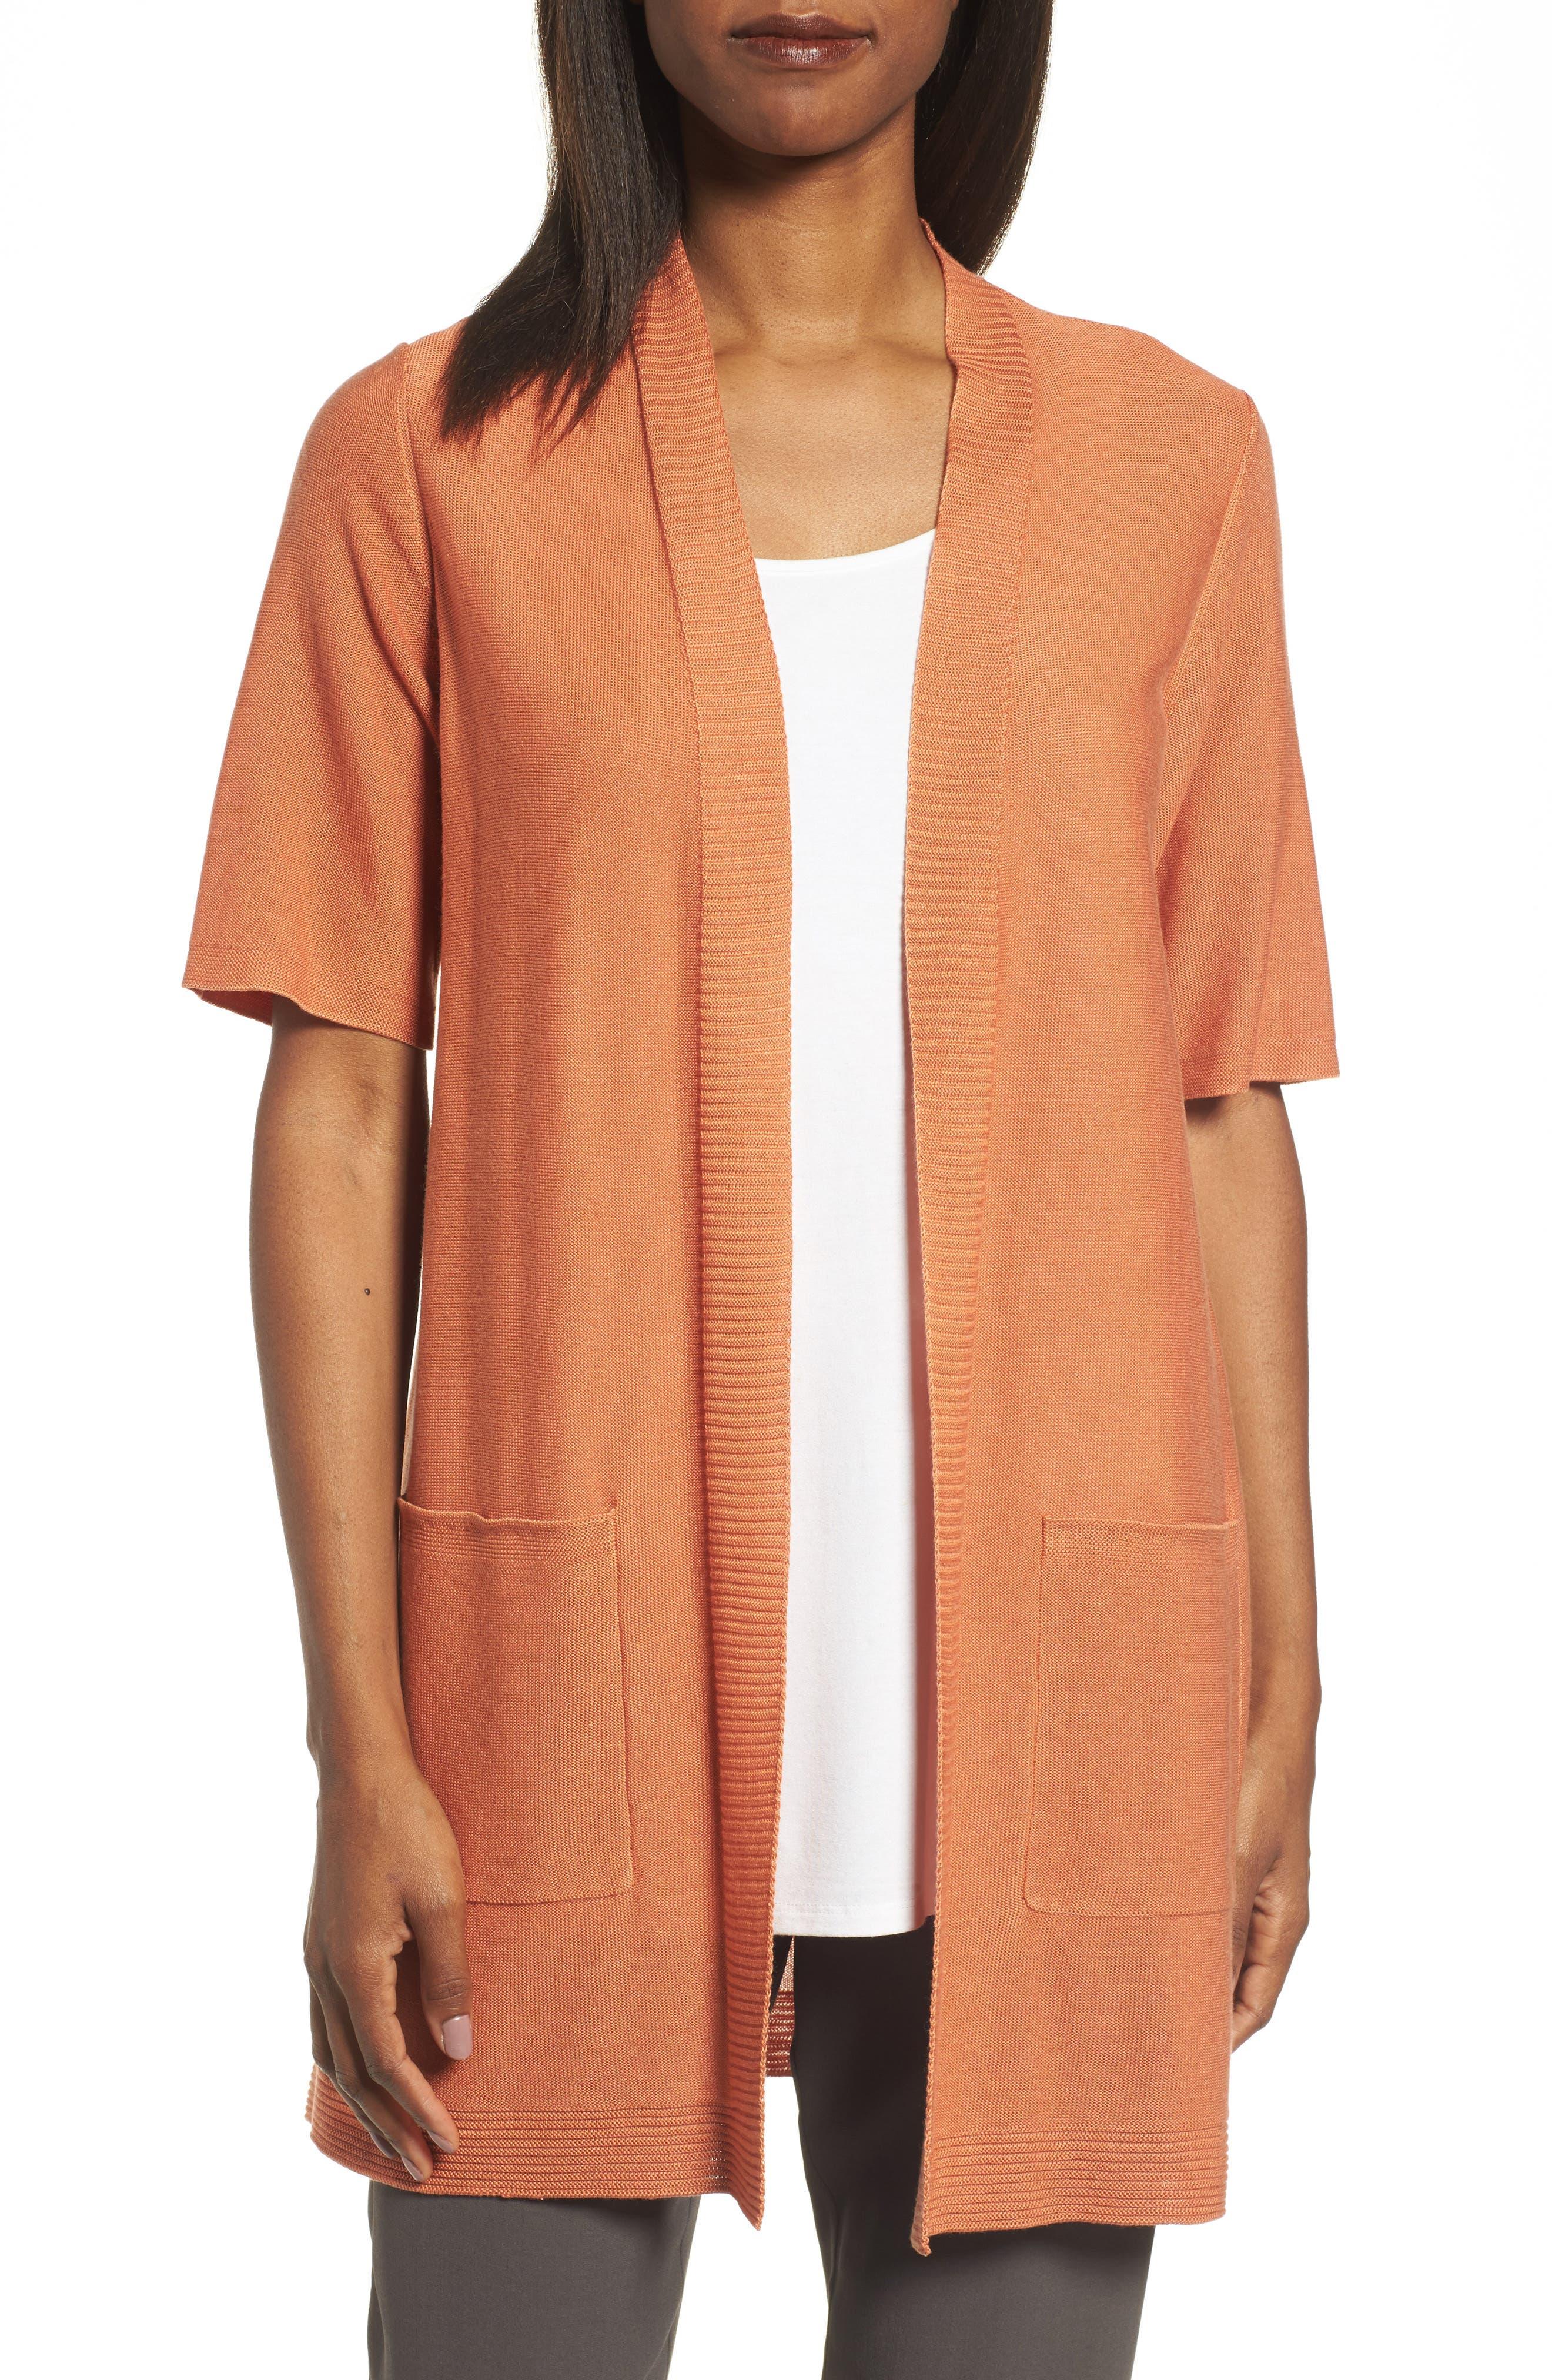 Alternate Image 1 Selected - Eileen Fisher Simple Tencel® & Merino Wool Cardigan